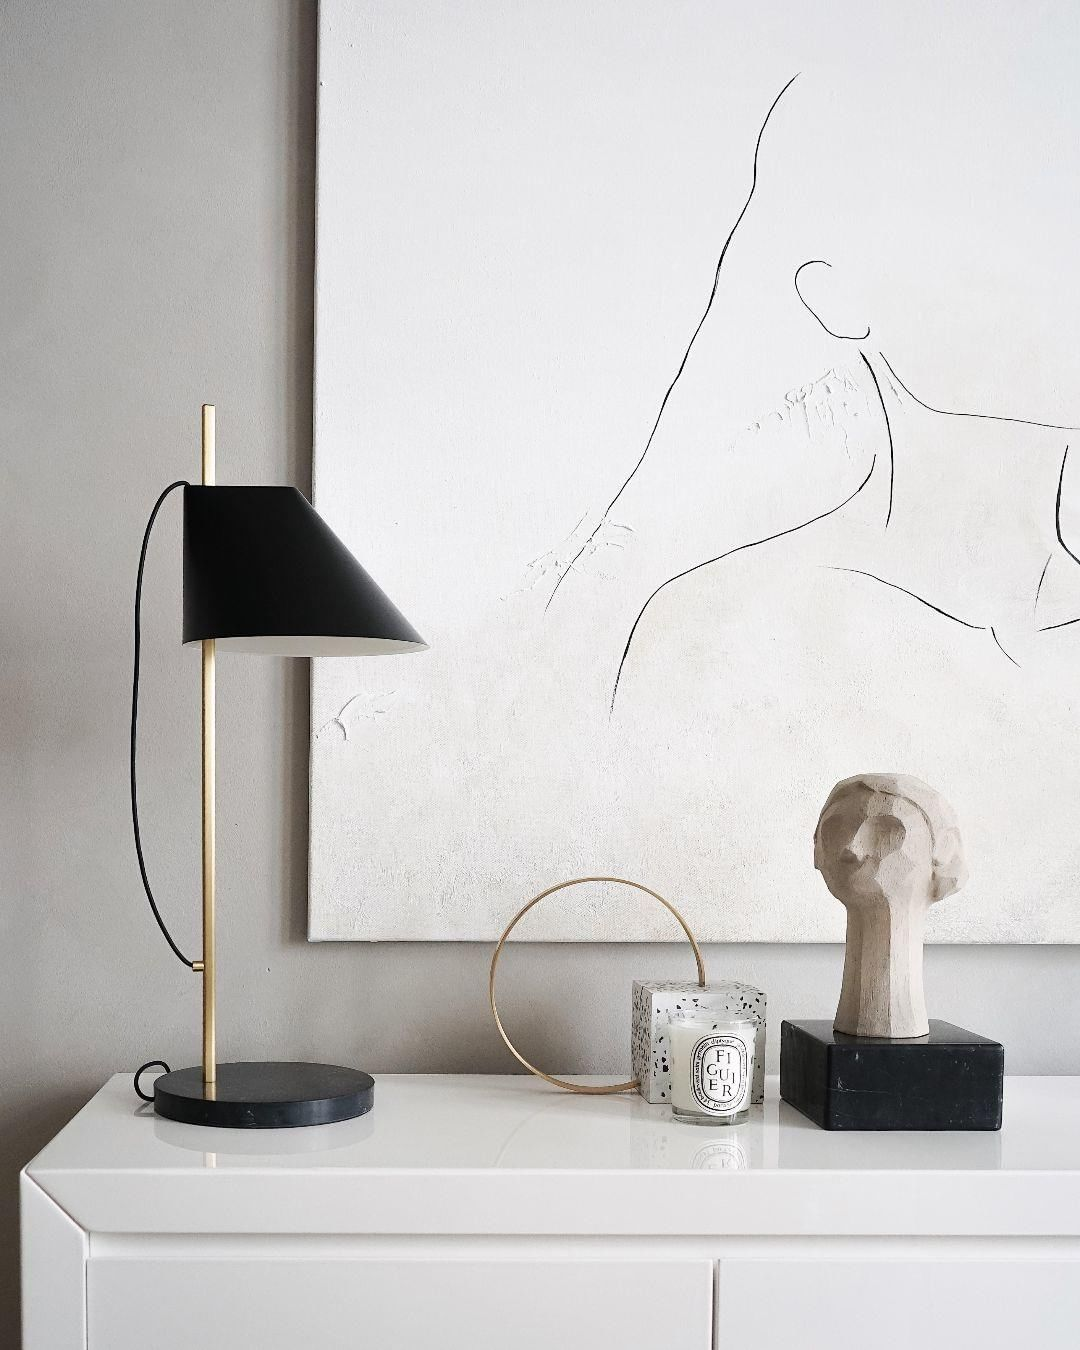 Yuh Table Lamp in 2020 | Lamp, Table lamp, Elegant table lamp